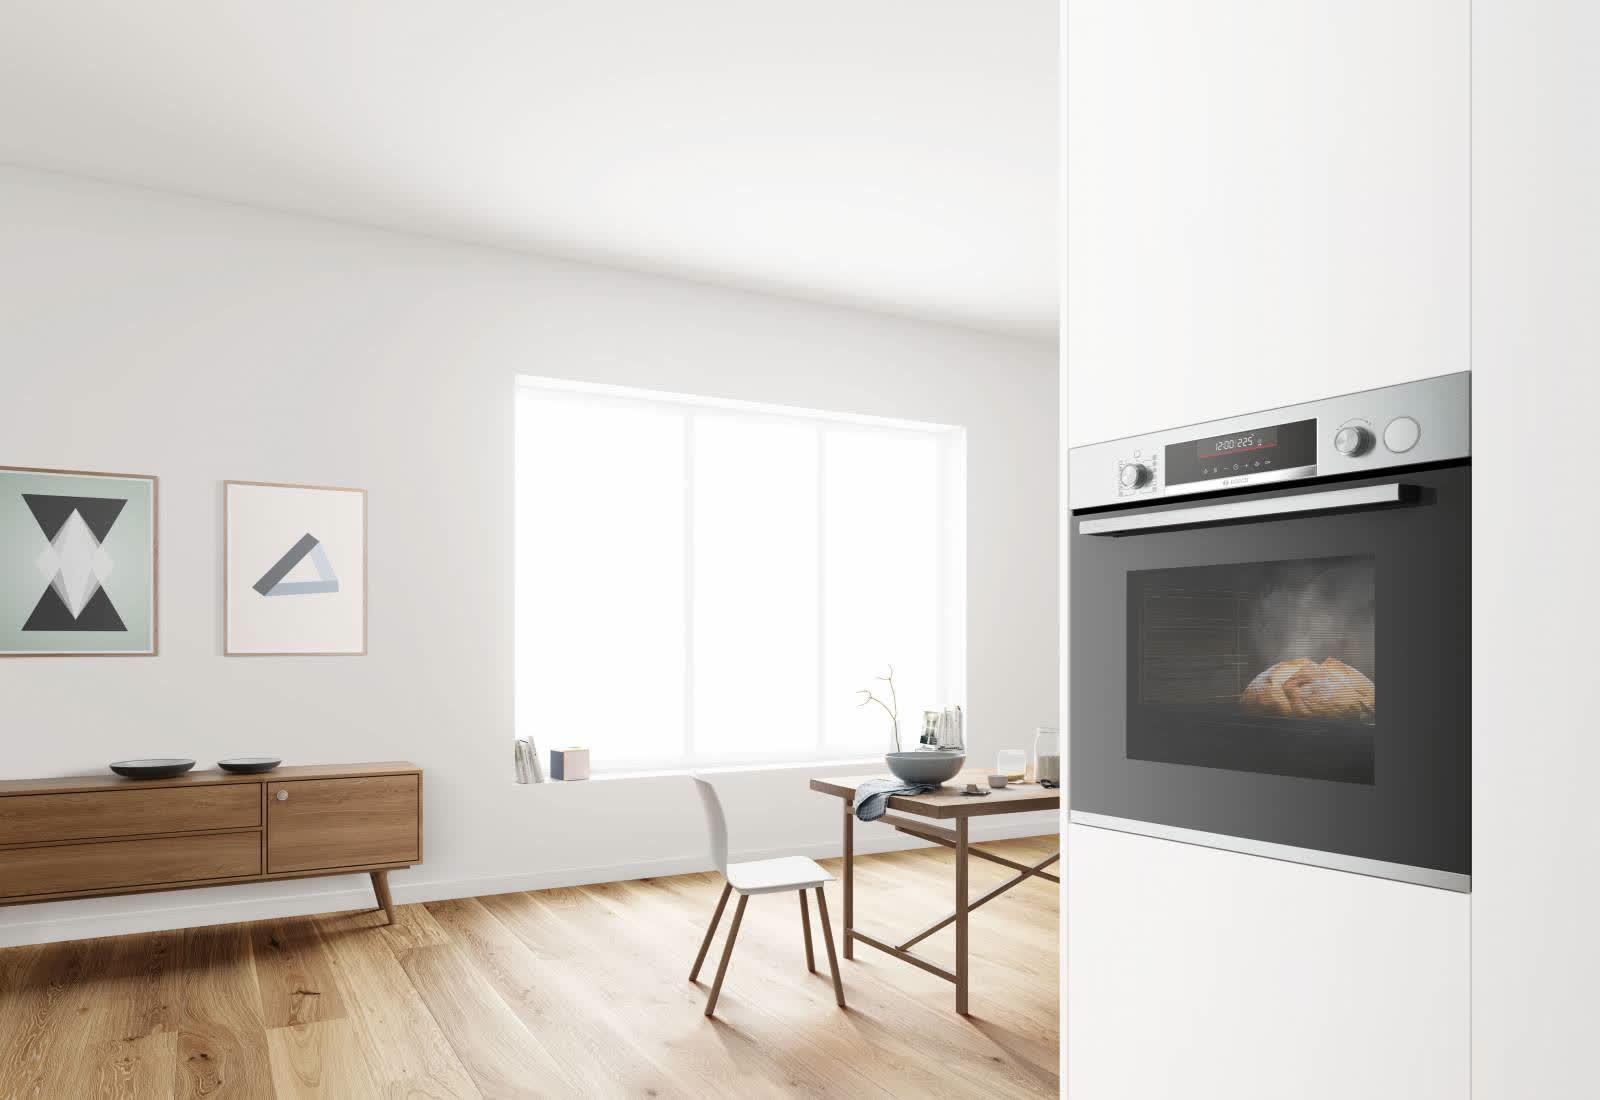 Immagine A ogni alimento la sua cottura 1